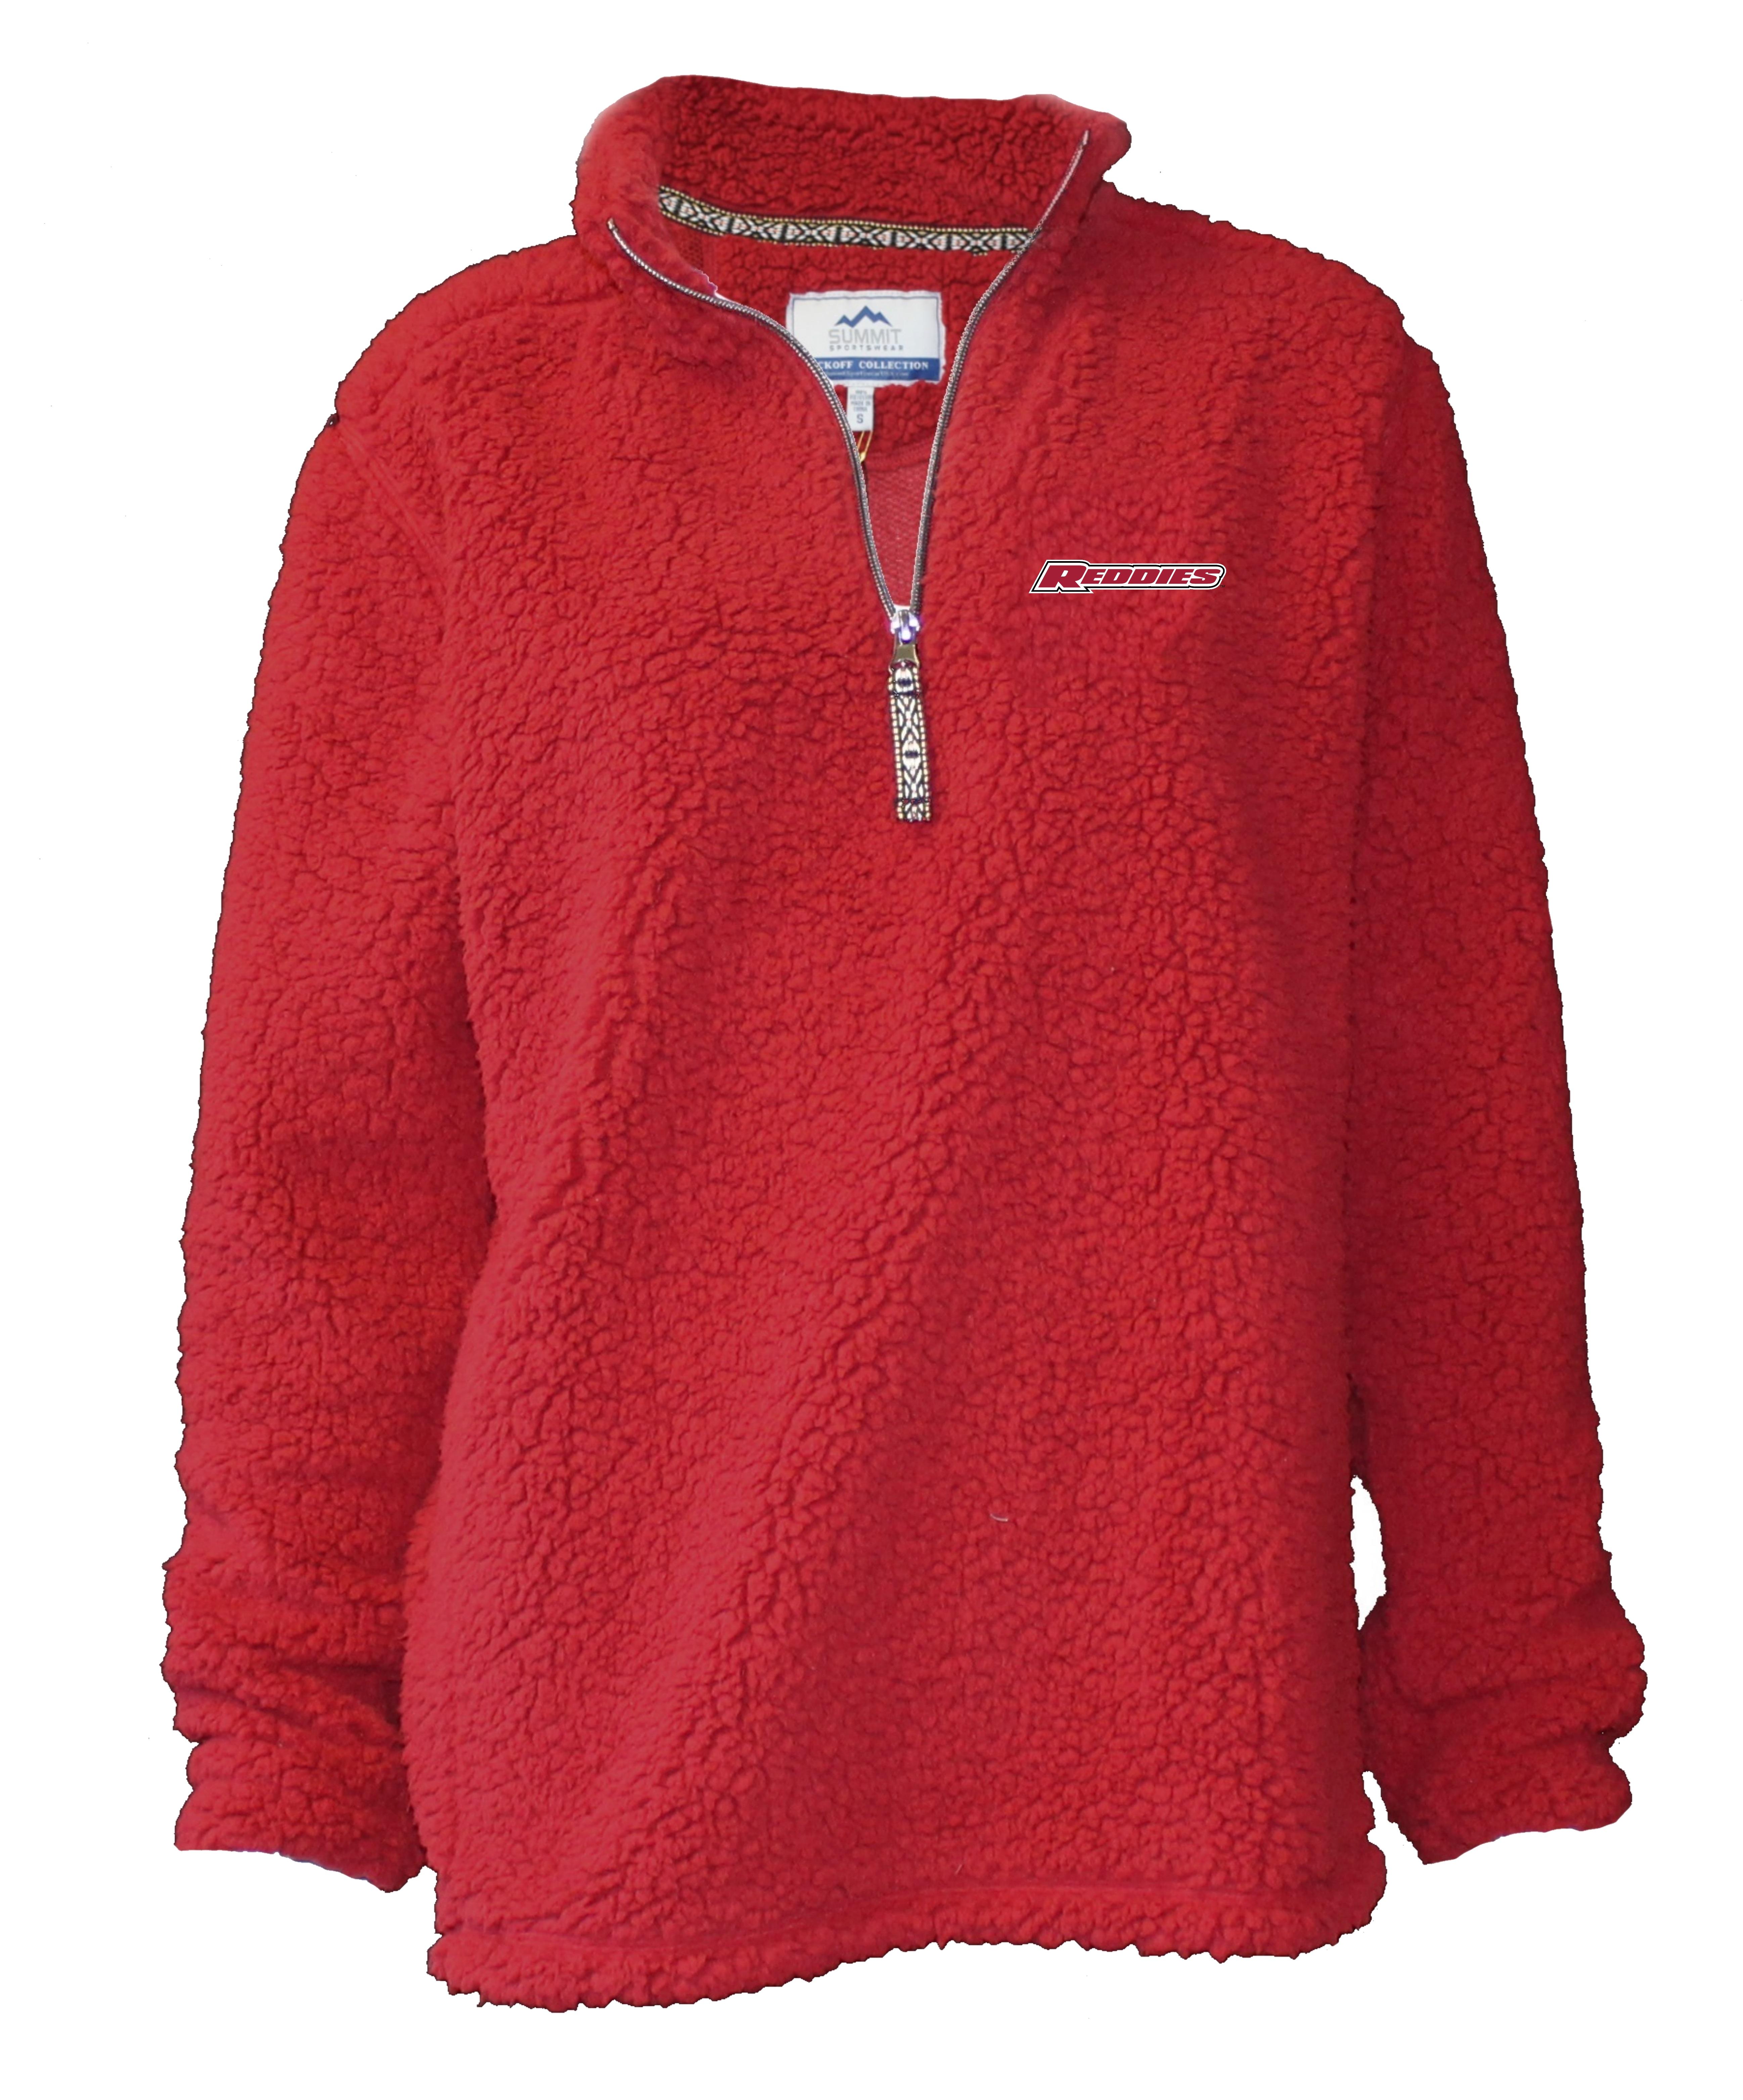 Reddies Sherpa 1/4 Zip